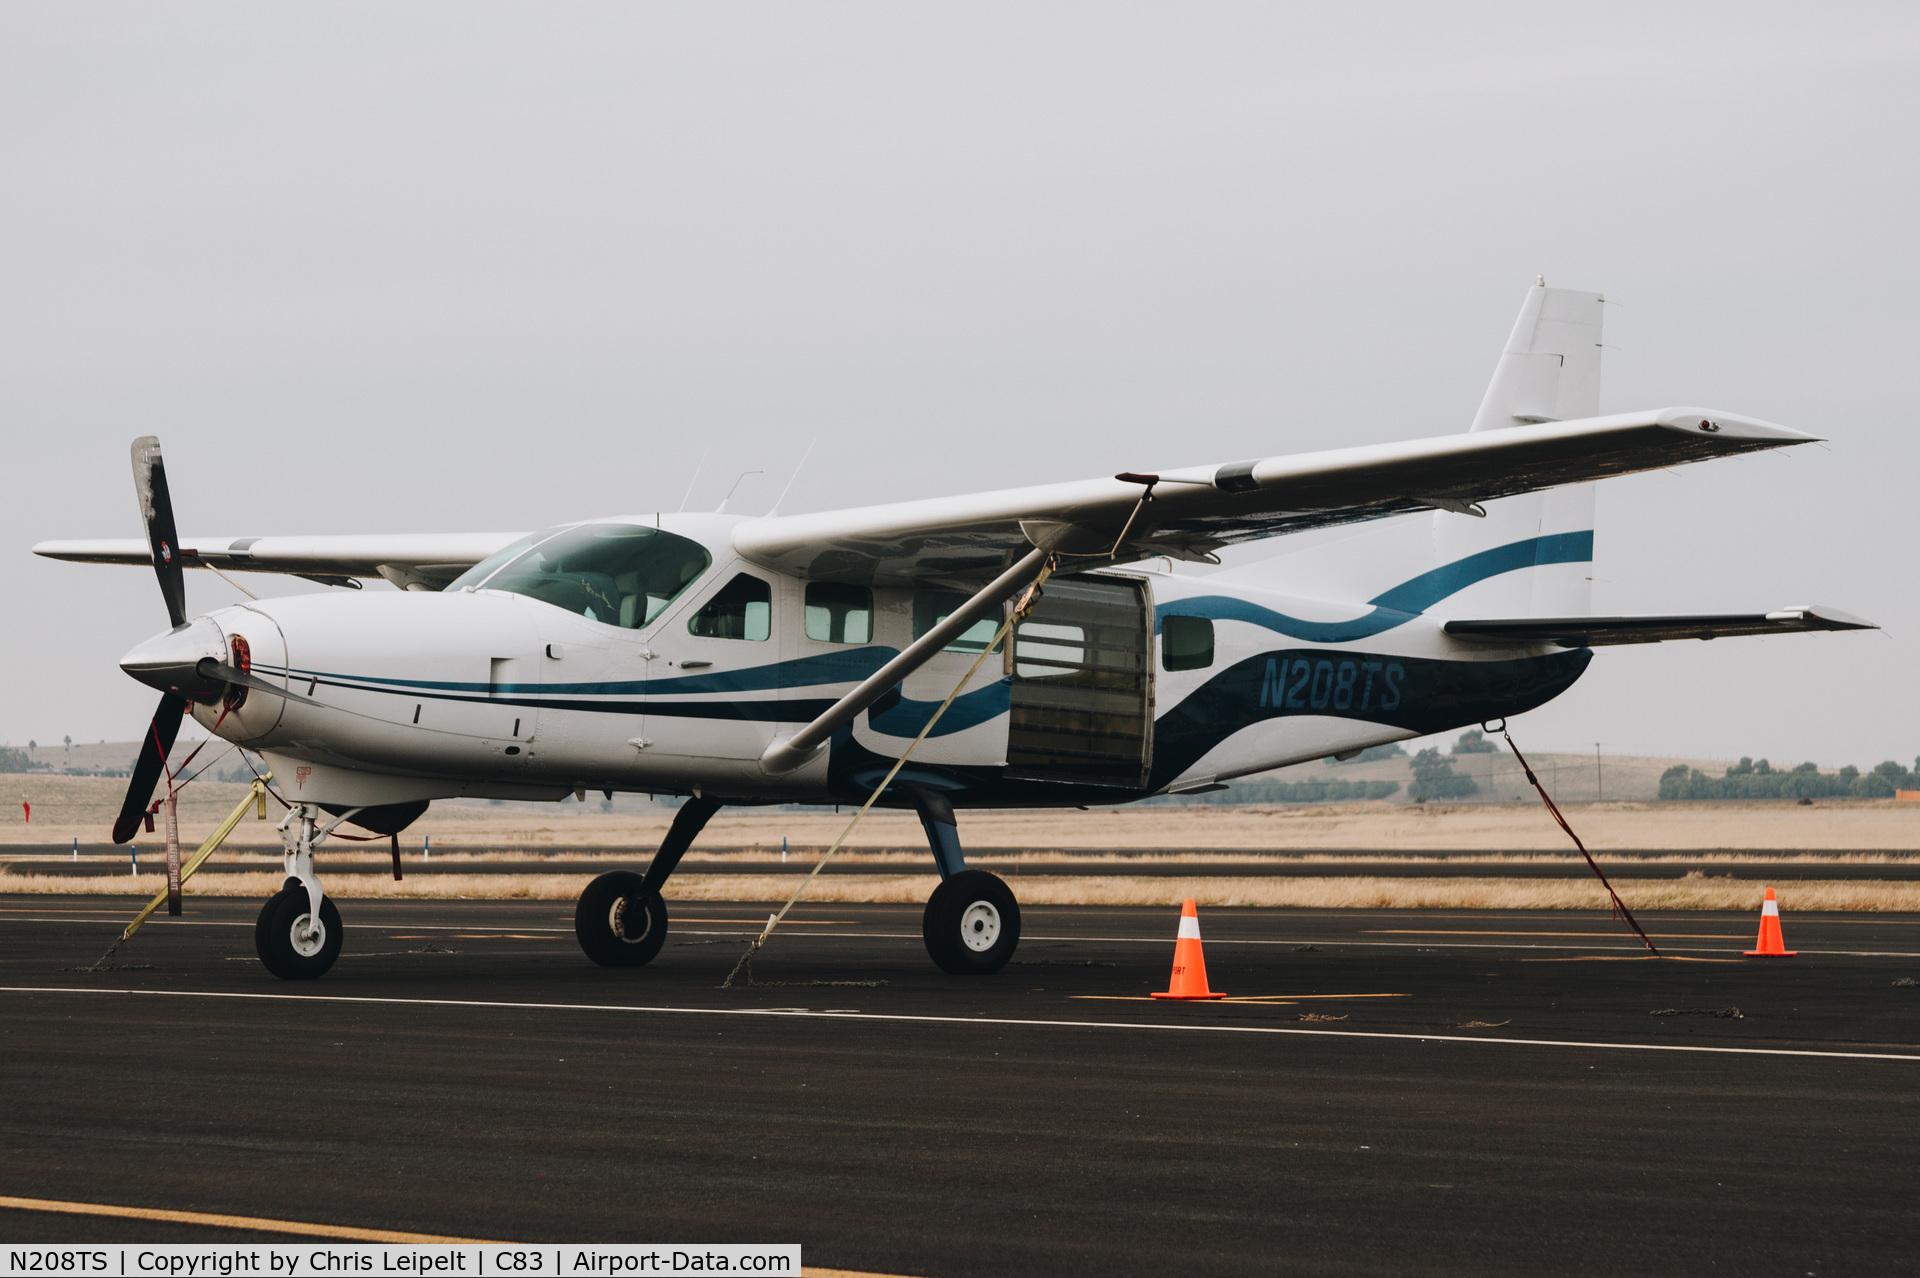 Aircraft N208TS (1985 Cessna 208 Caravan I C/N 20800124